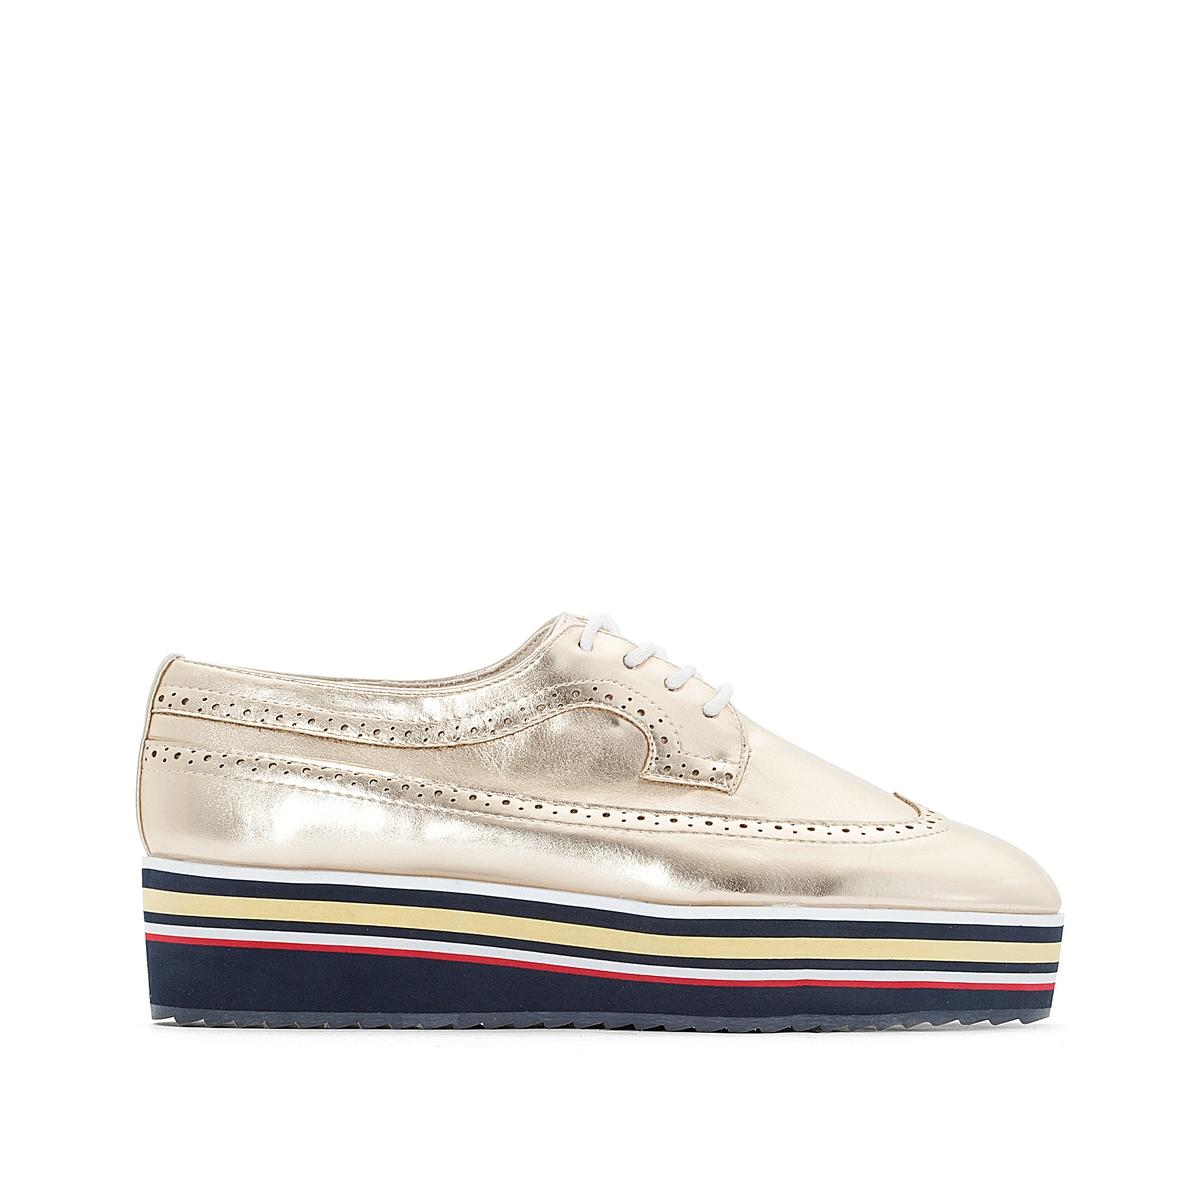 Ботинки-дерби с металлическим блеском и подошвой в полоску детские ботинки с нескользящей подошвой bobdog 52071013 1 3